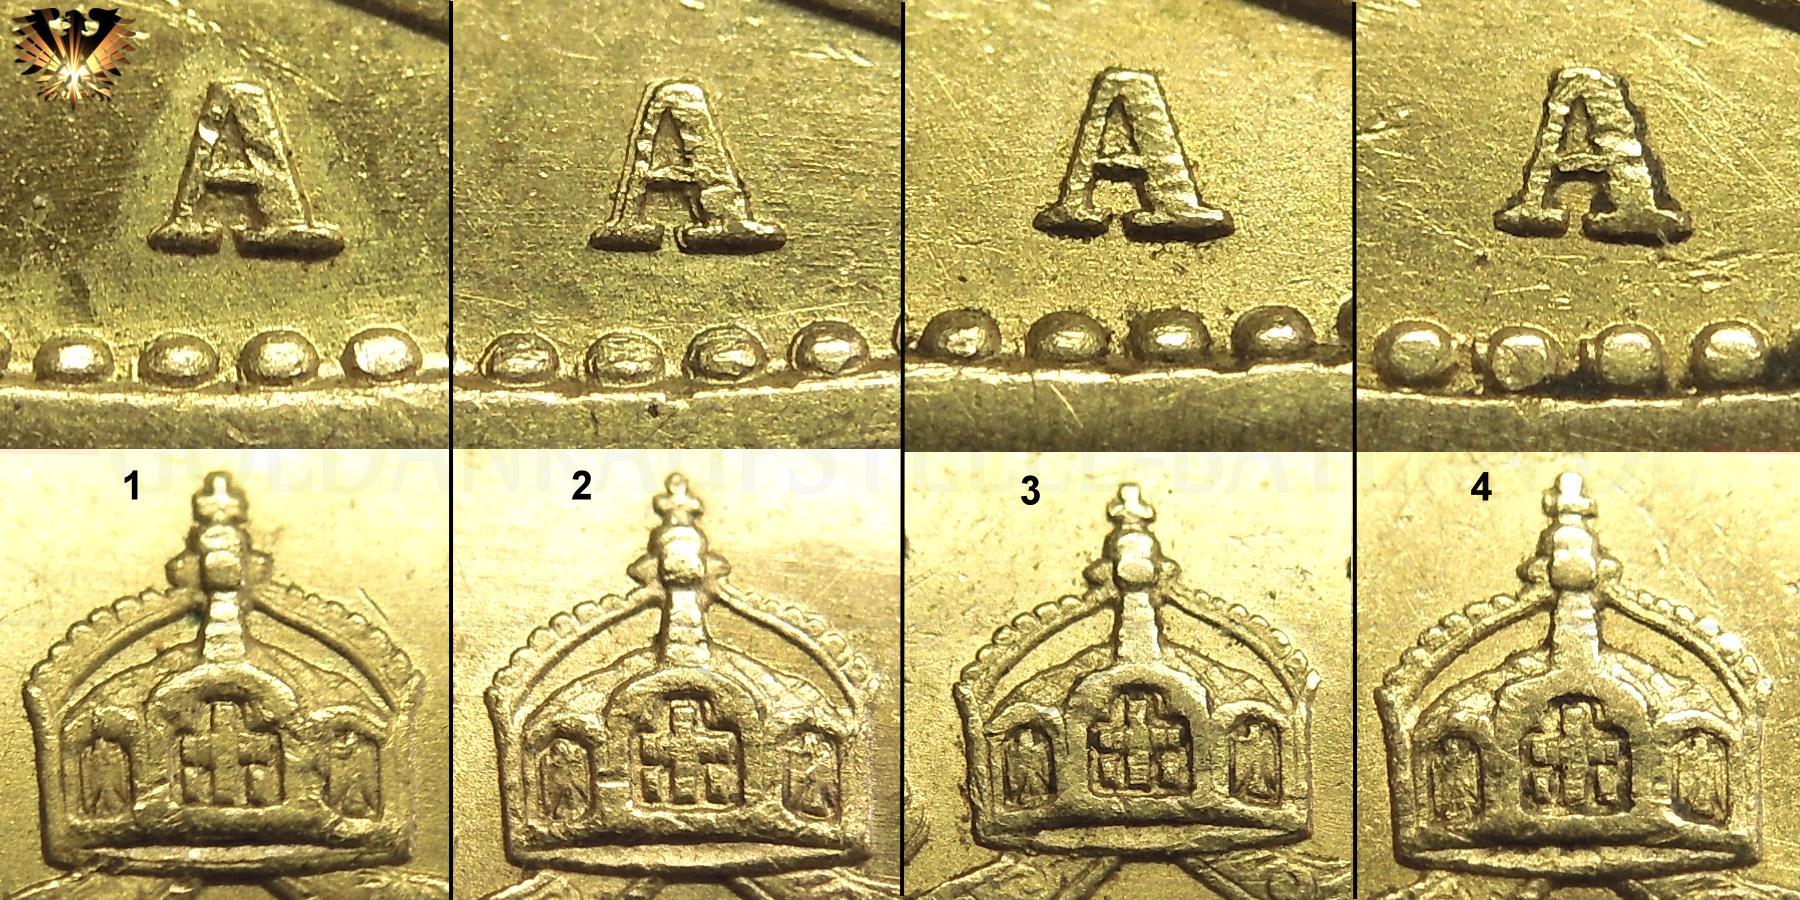 Detailaufnahmen von Randperle, Prägebuchstabe und Krone von Kaiserreich Goldmünzen zur Ermittlung der Echtheit.